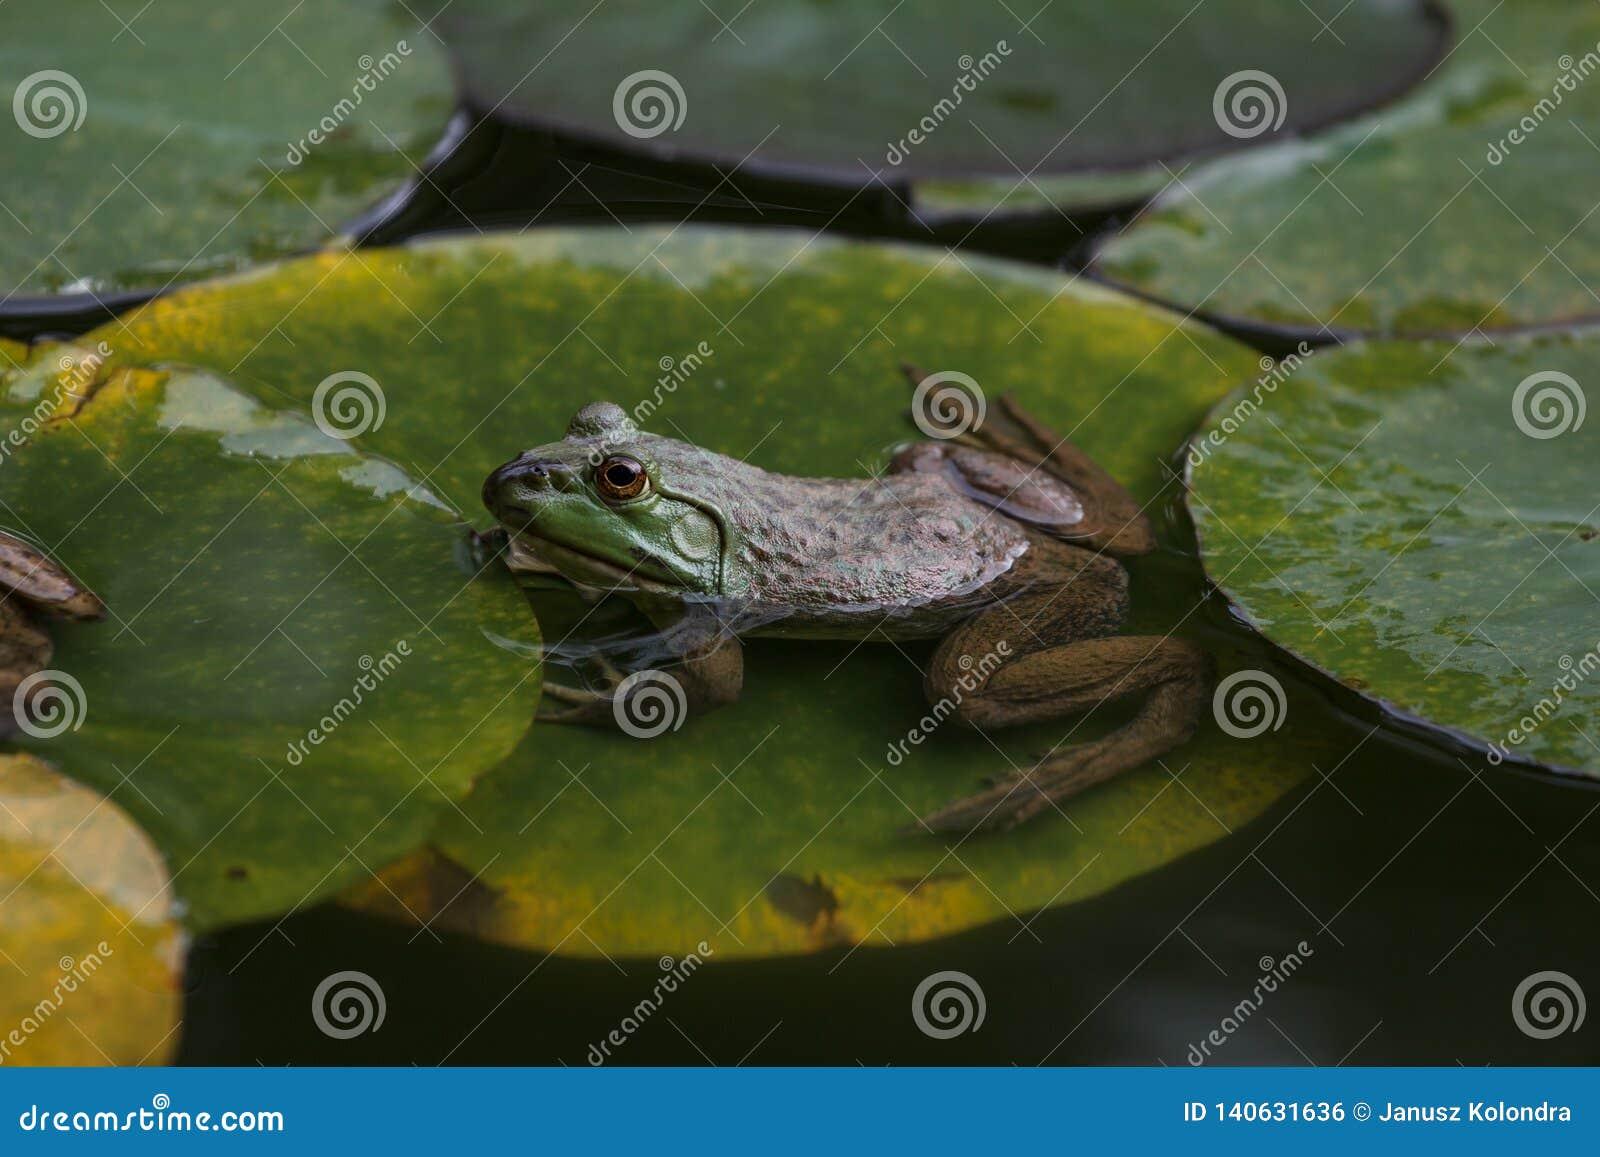 De groene kikker zit op leliebladeren in een vijver